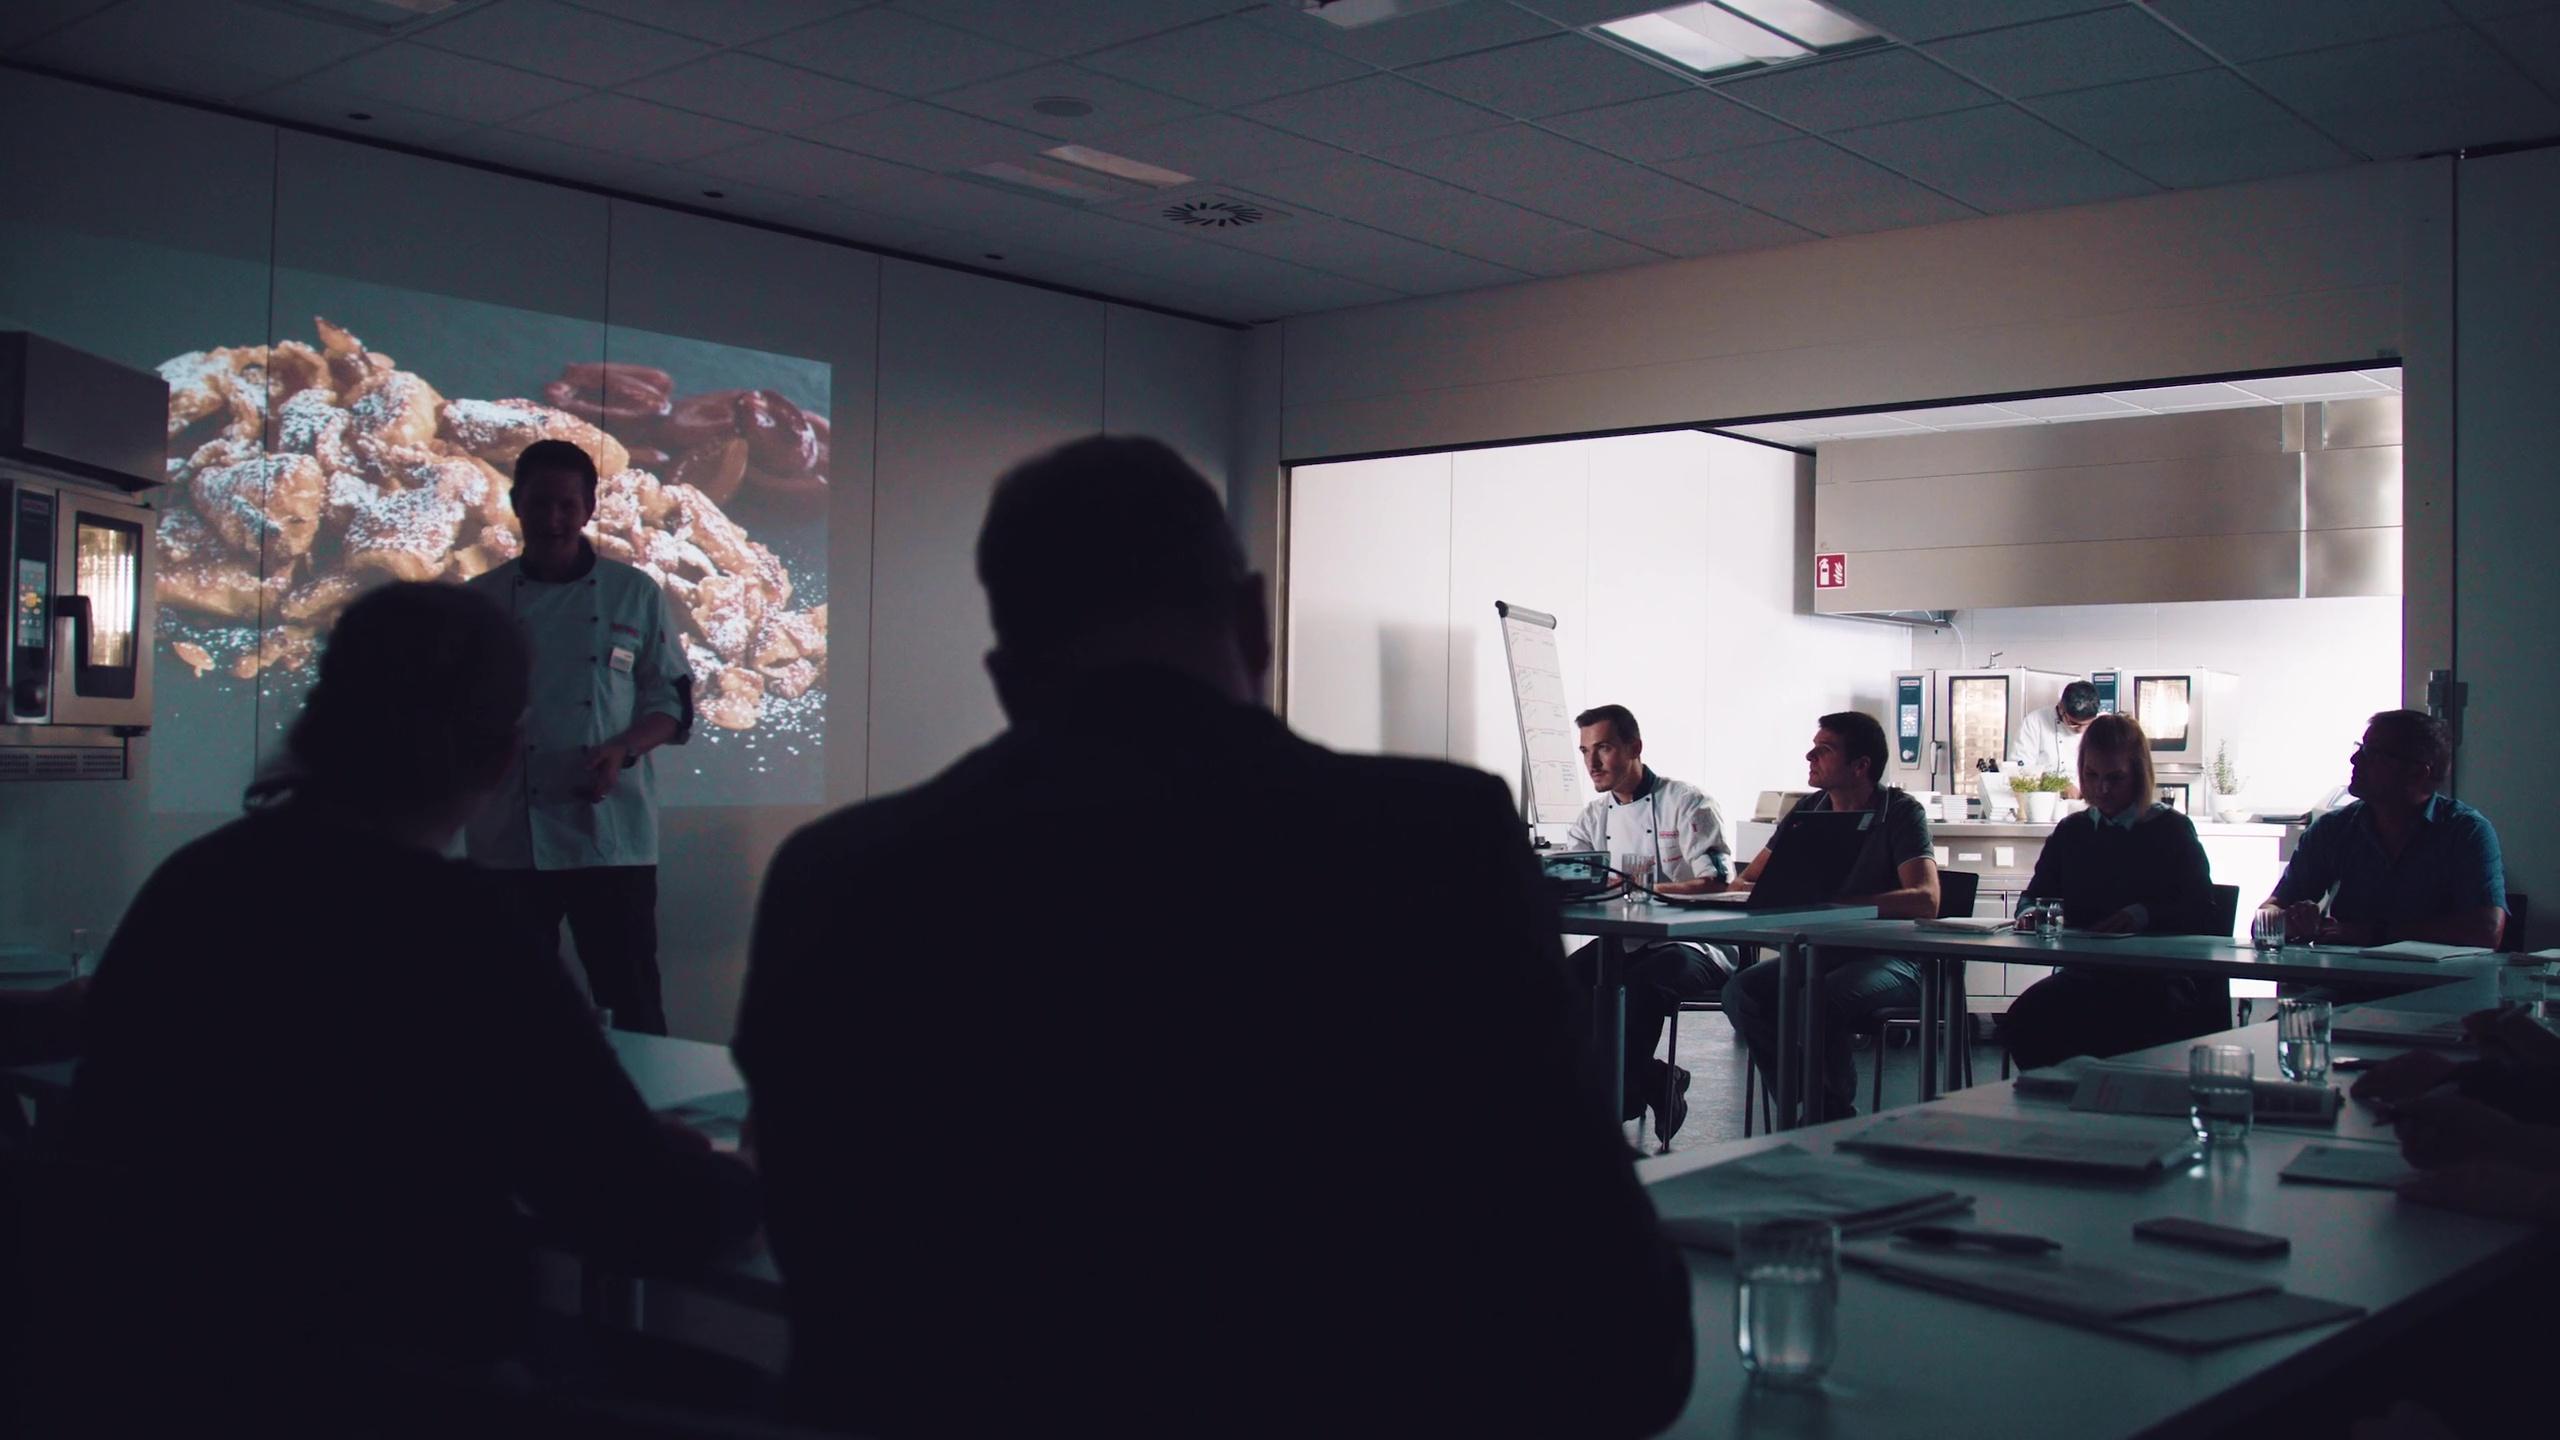 Mitarbeiter während einer Präsentation